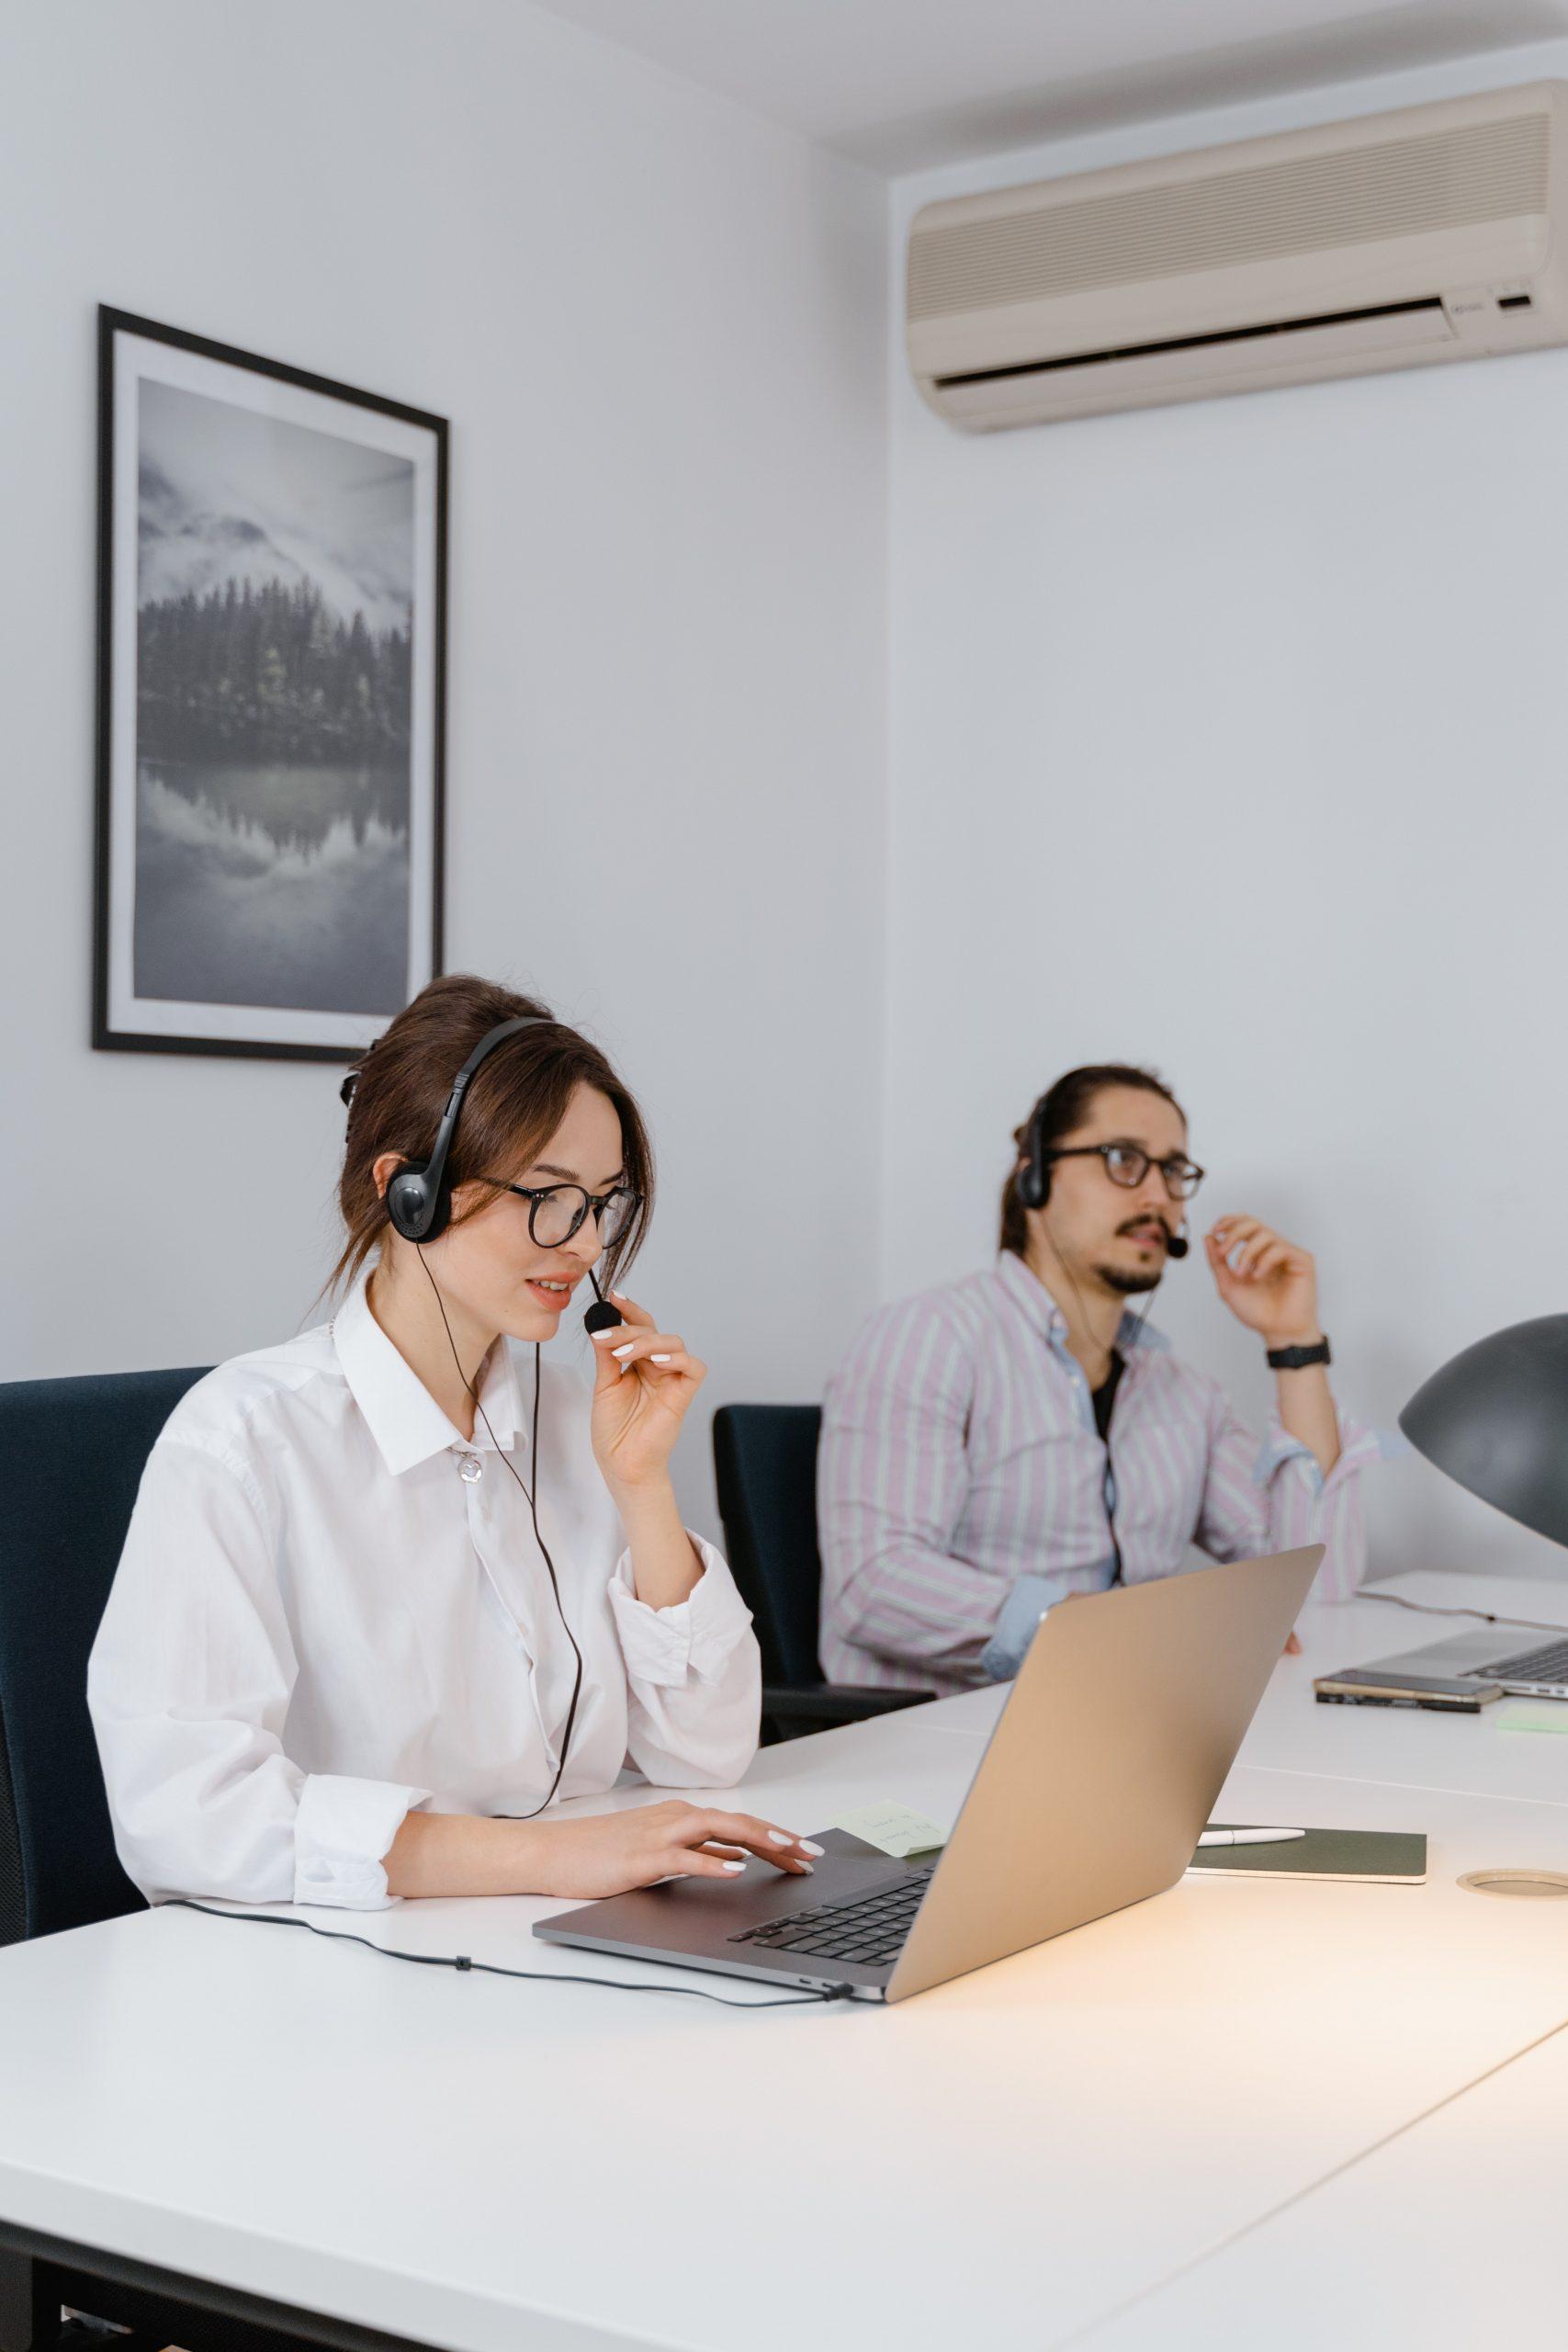 Wat maakt een goede klantenservice onderscheidend?